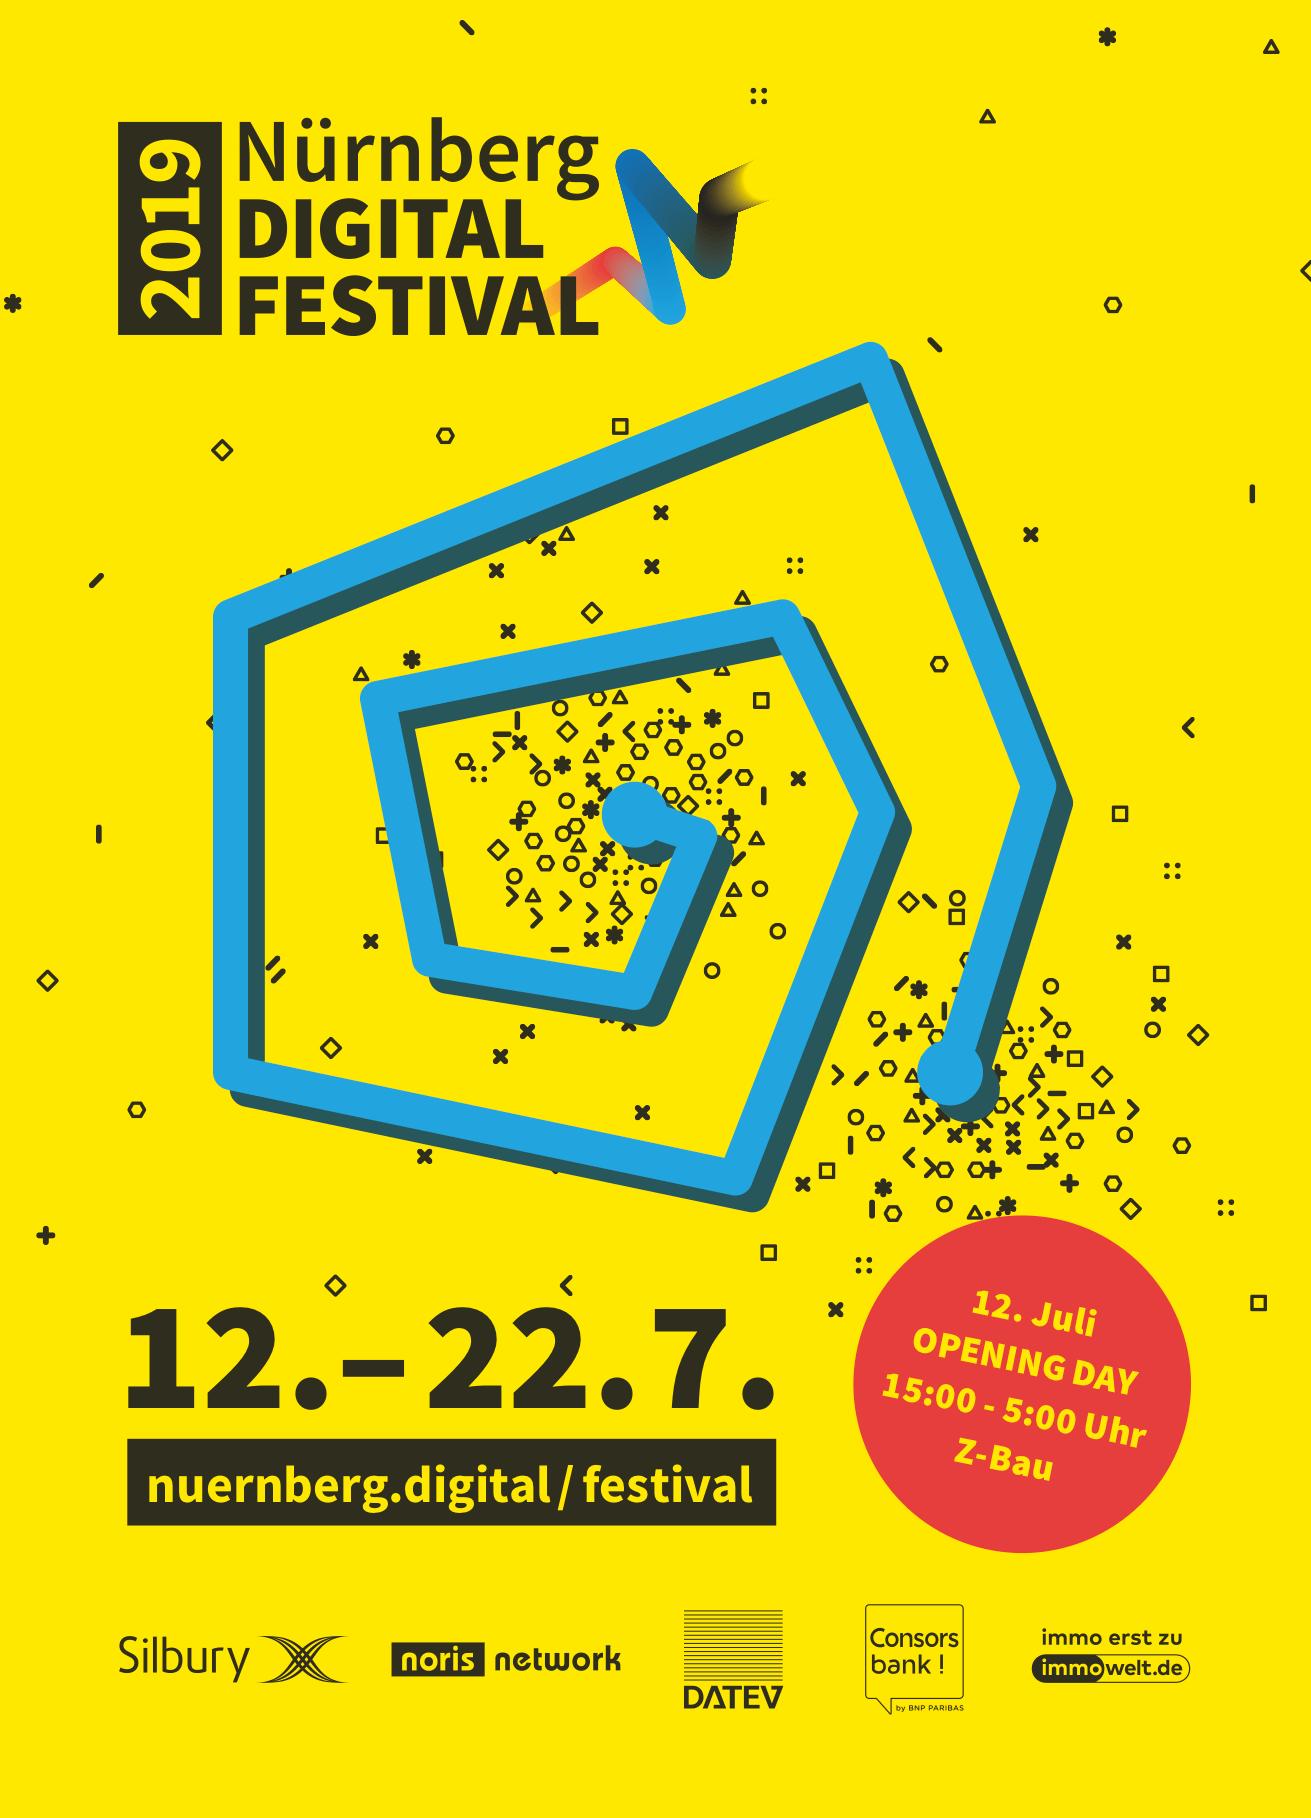 Nürnberg Digital Festival 12. bis 22.7.2019